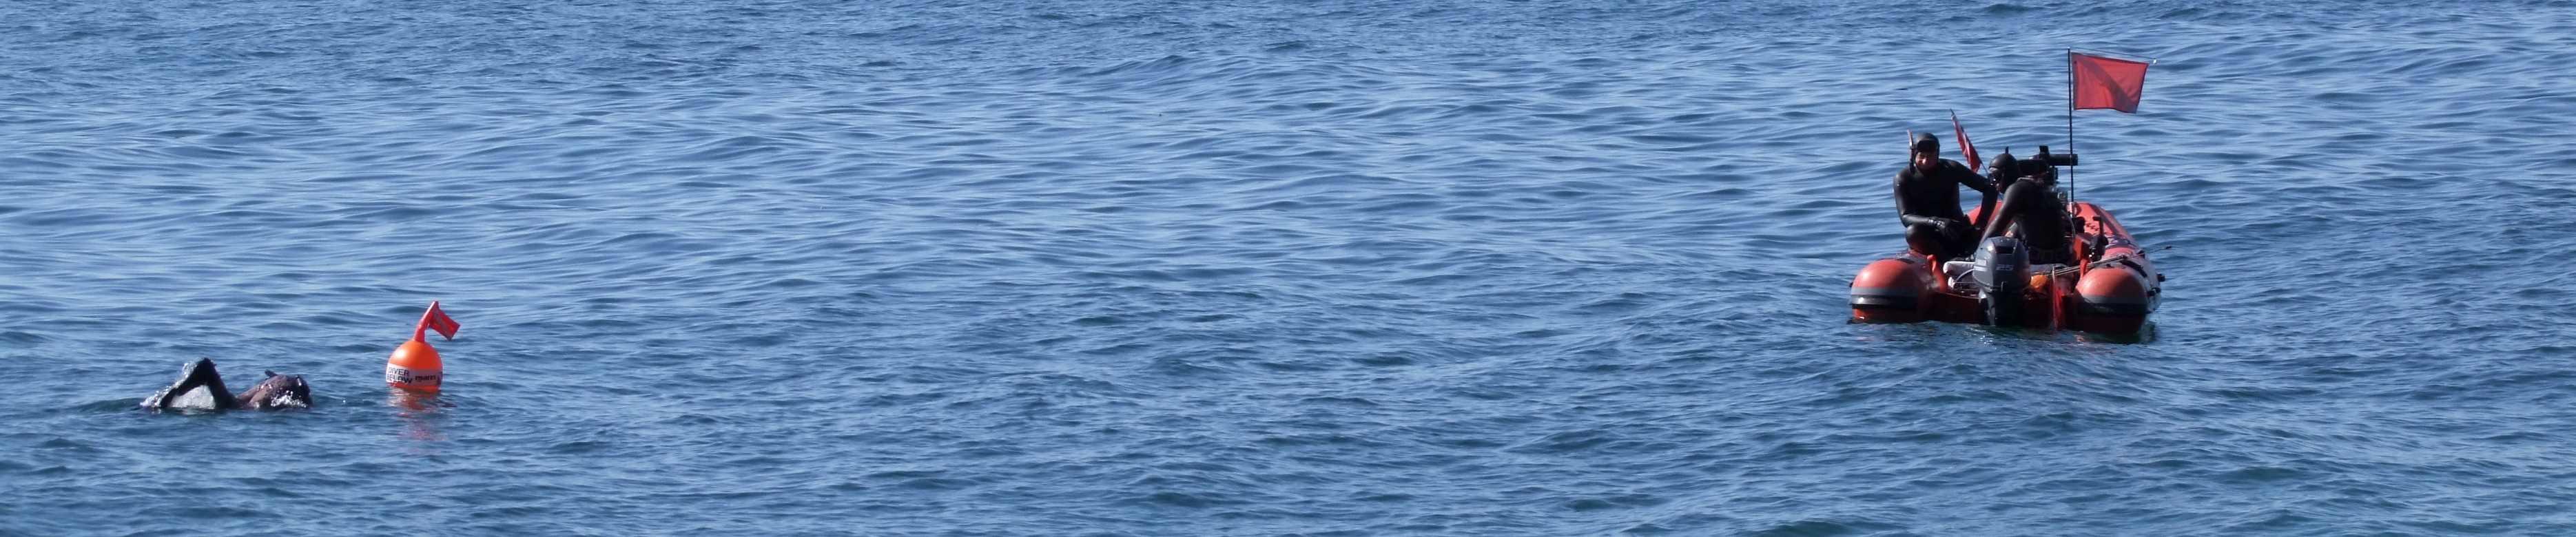 subacquea molto praticata sul lago di garda